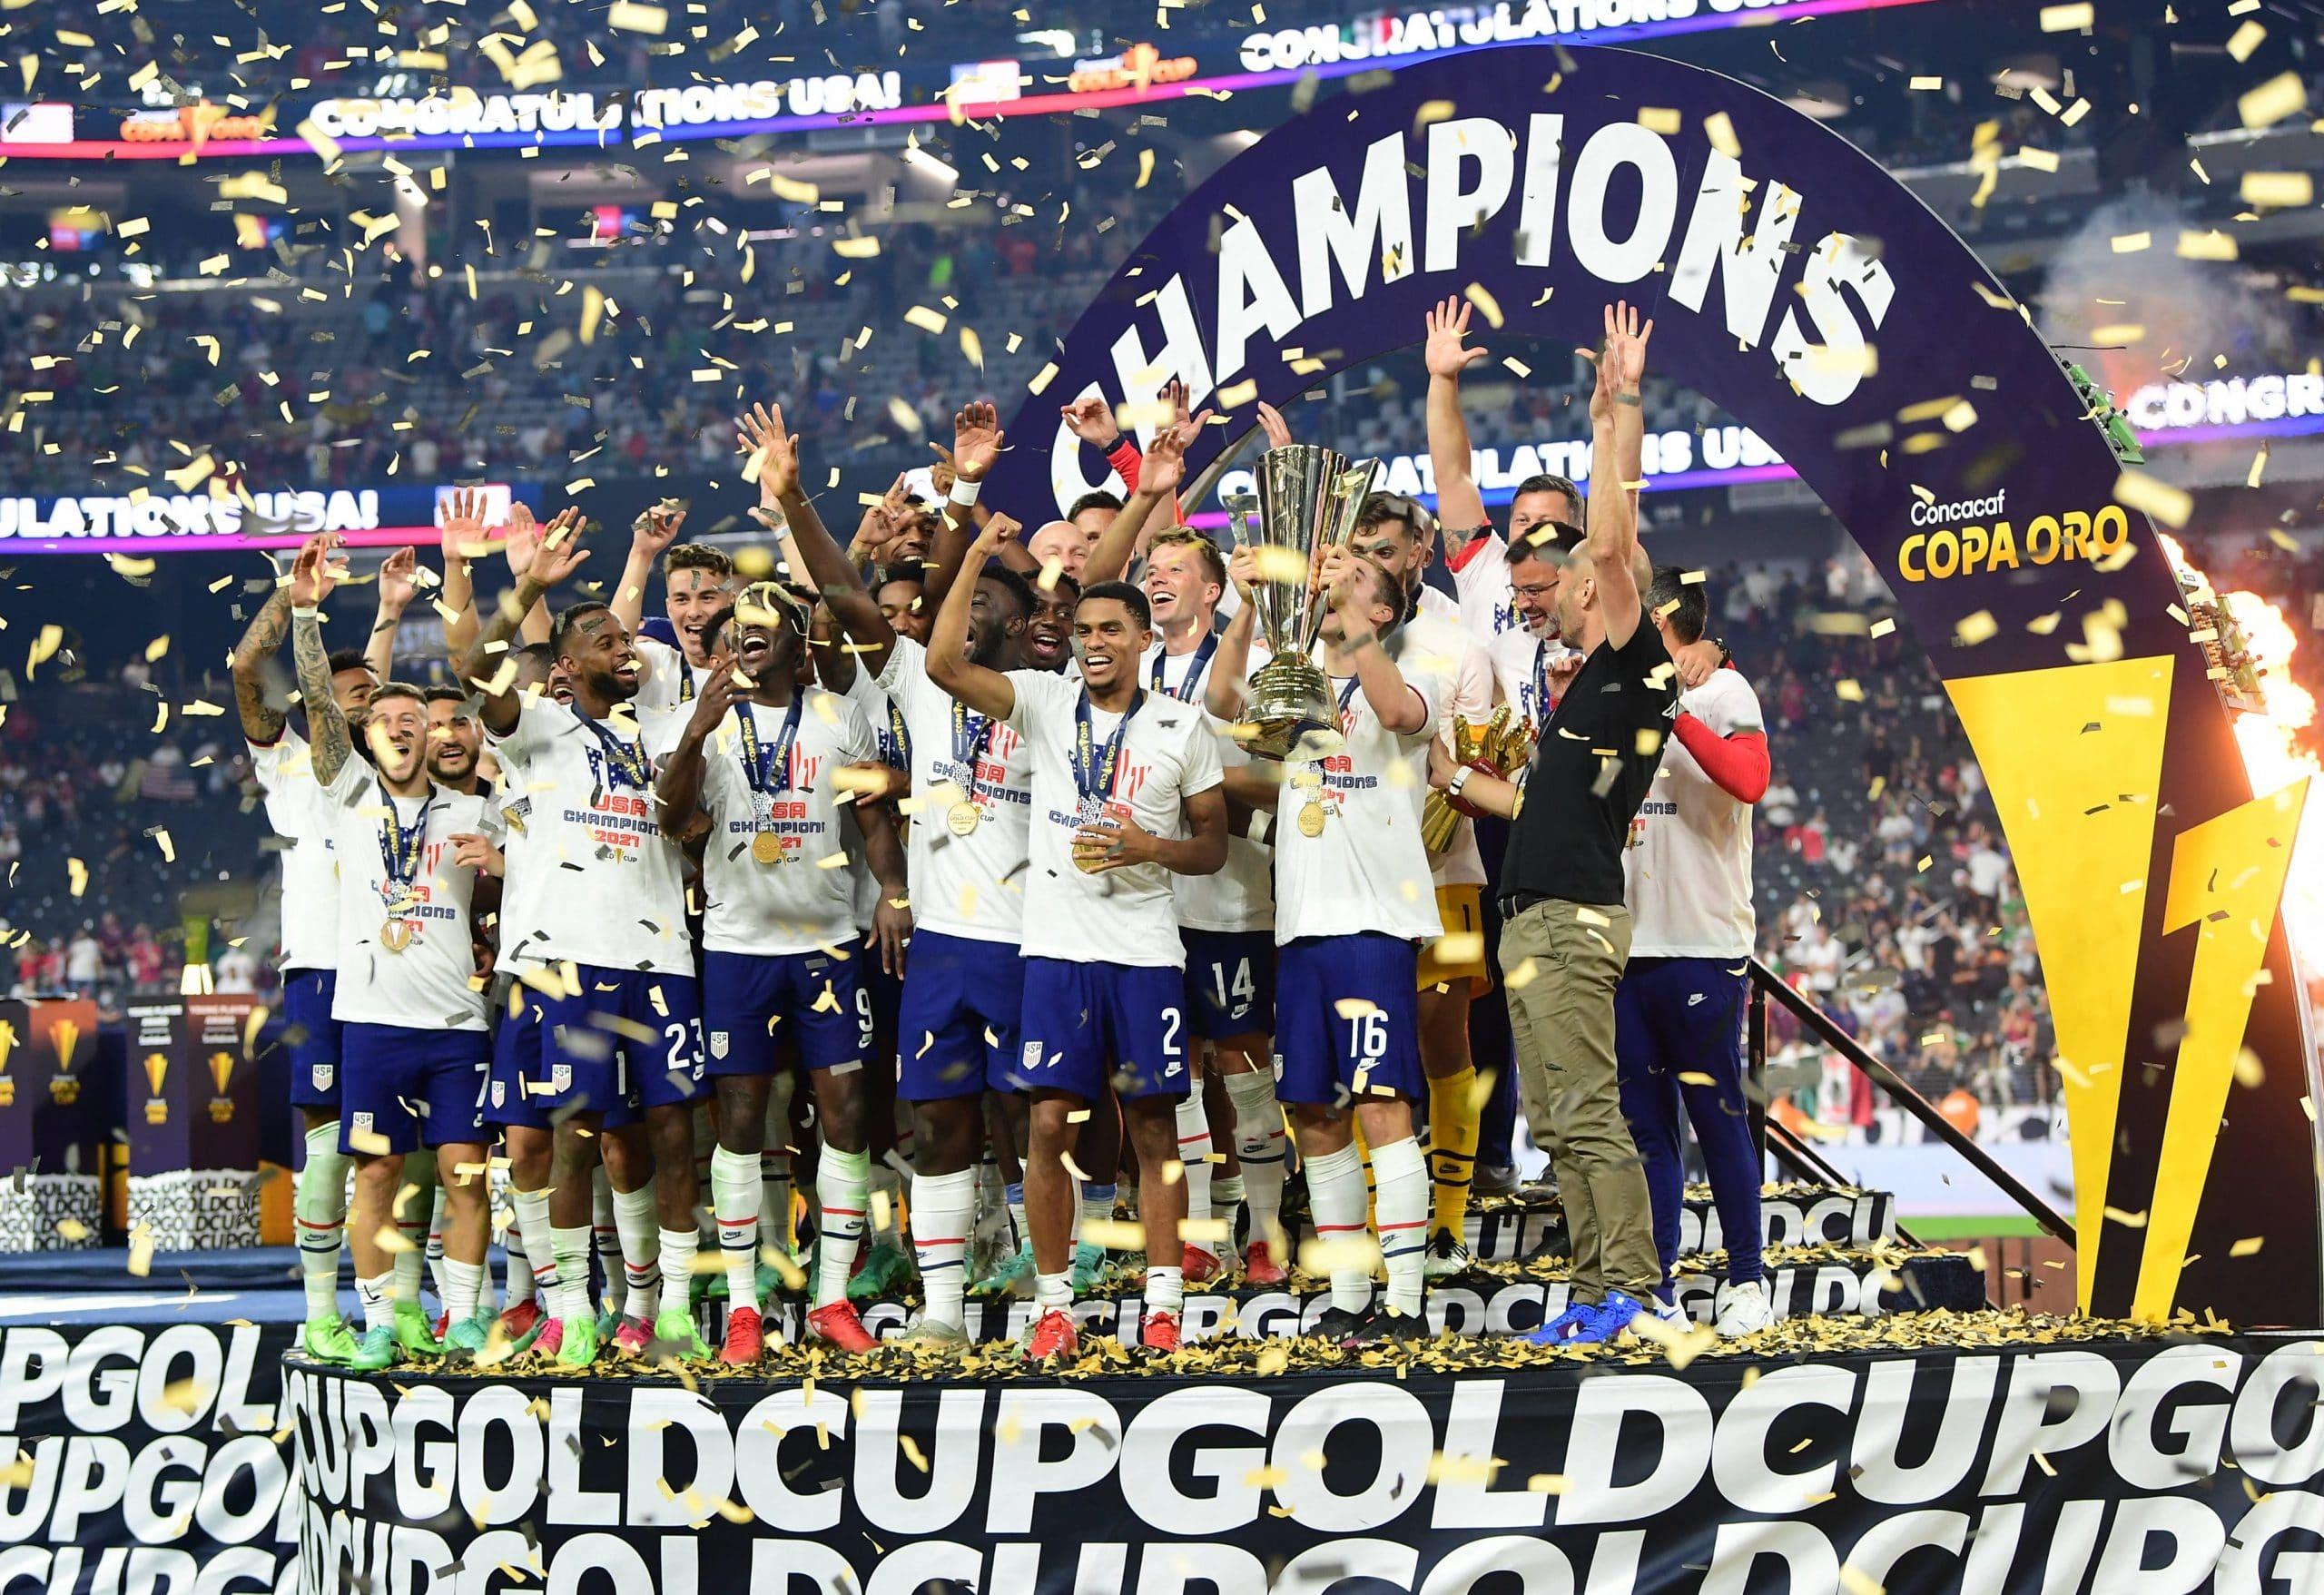 احتفال منتخب أمريكا بالتتويج بلقب كأس الذهبية